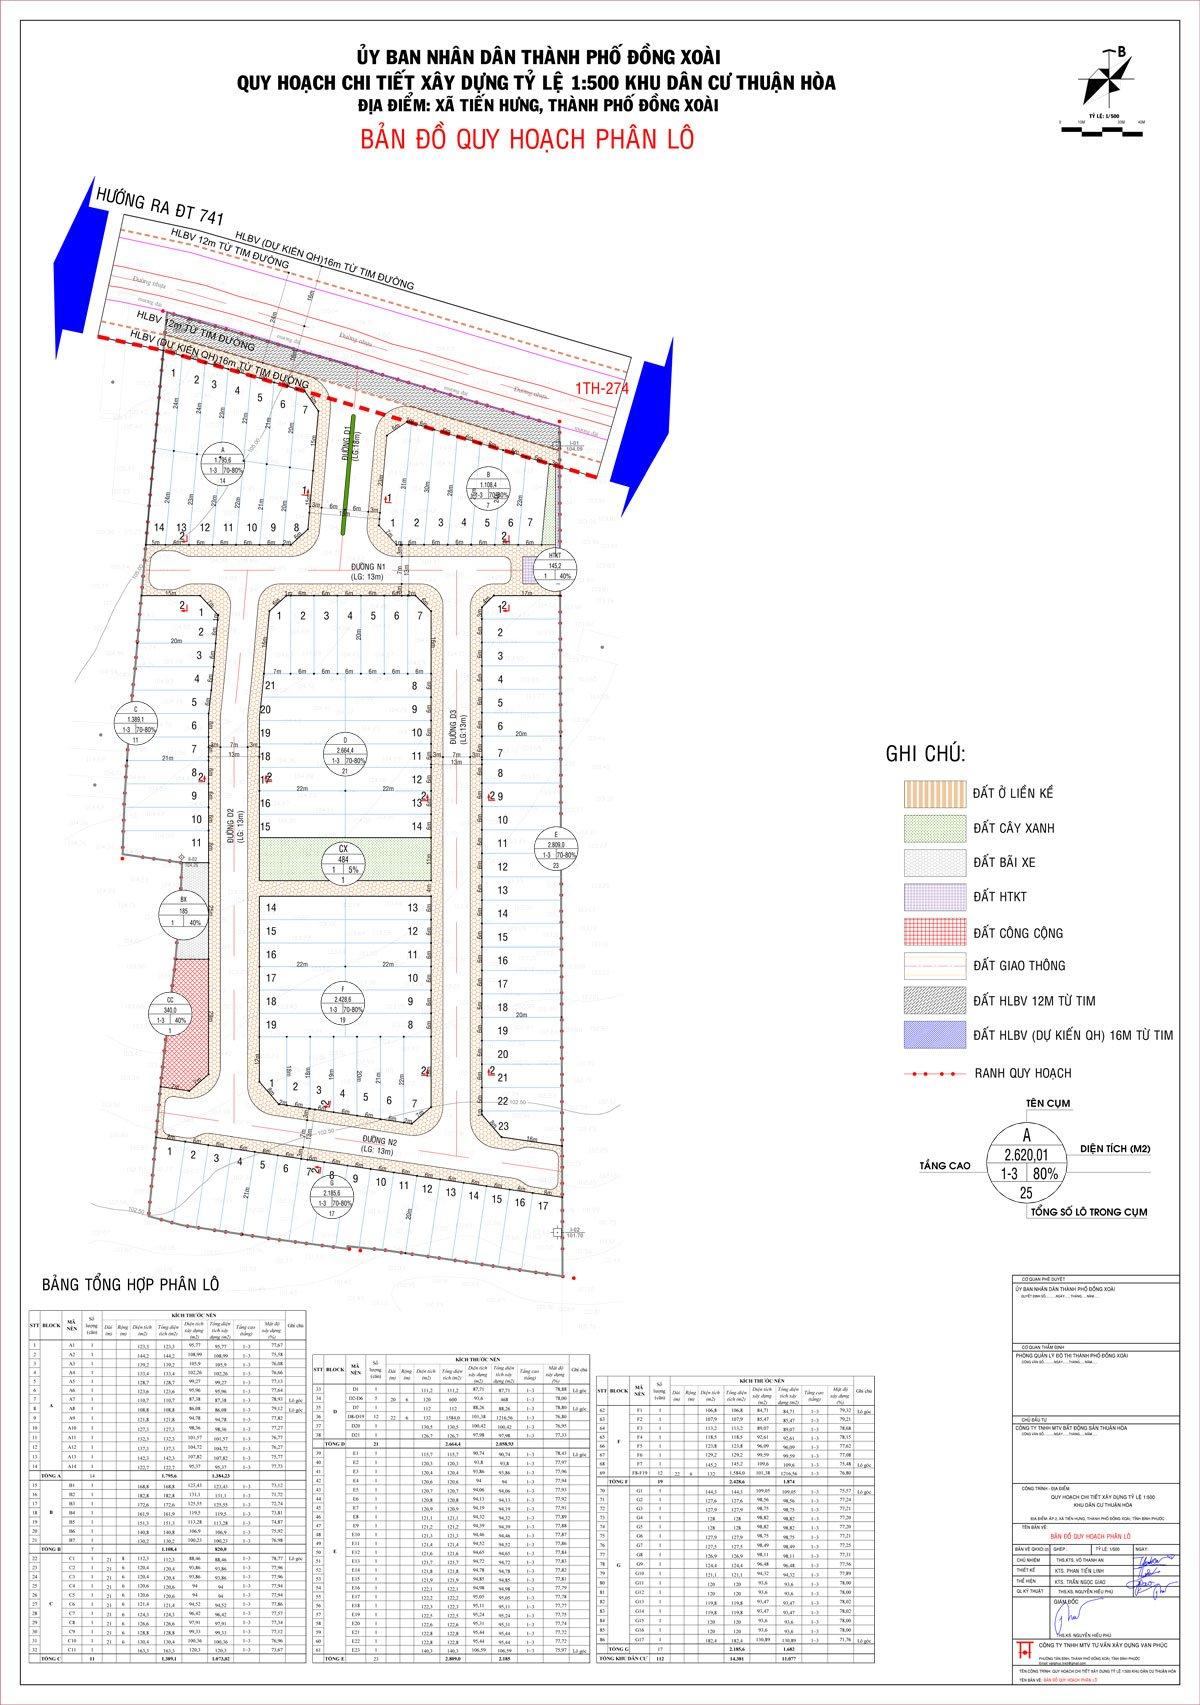 Thông tin 1/500 quy hoạch của dự án